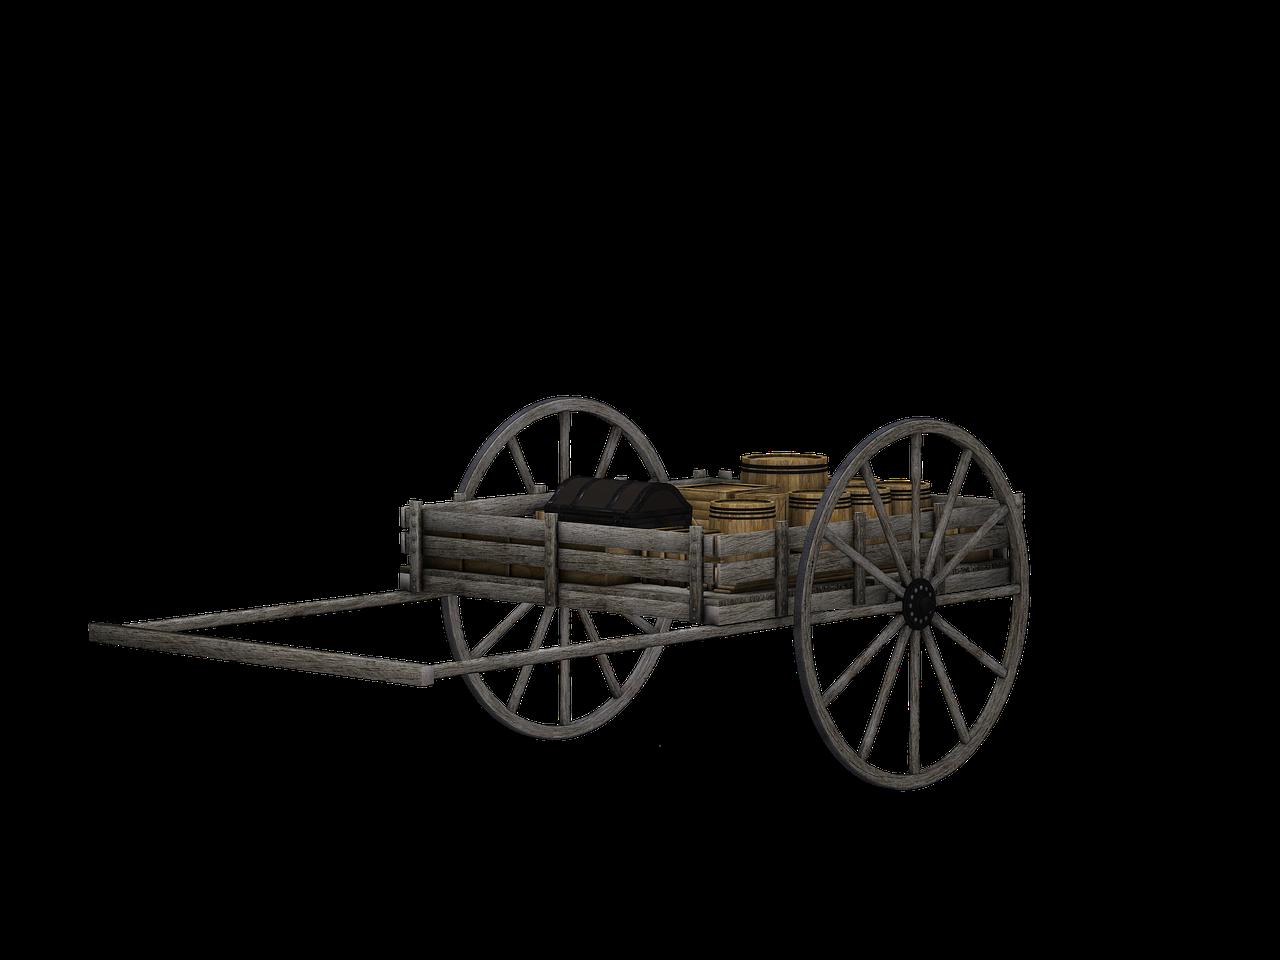 Cattle ox clip art. Wheel clipart bullock cart